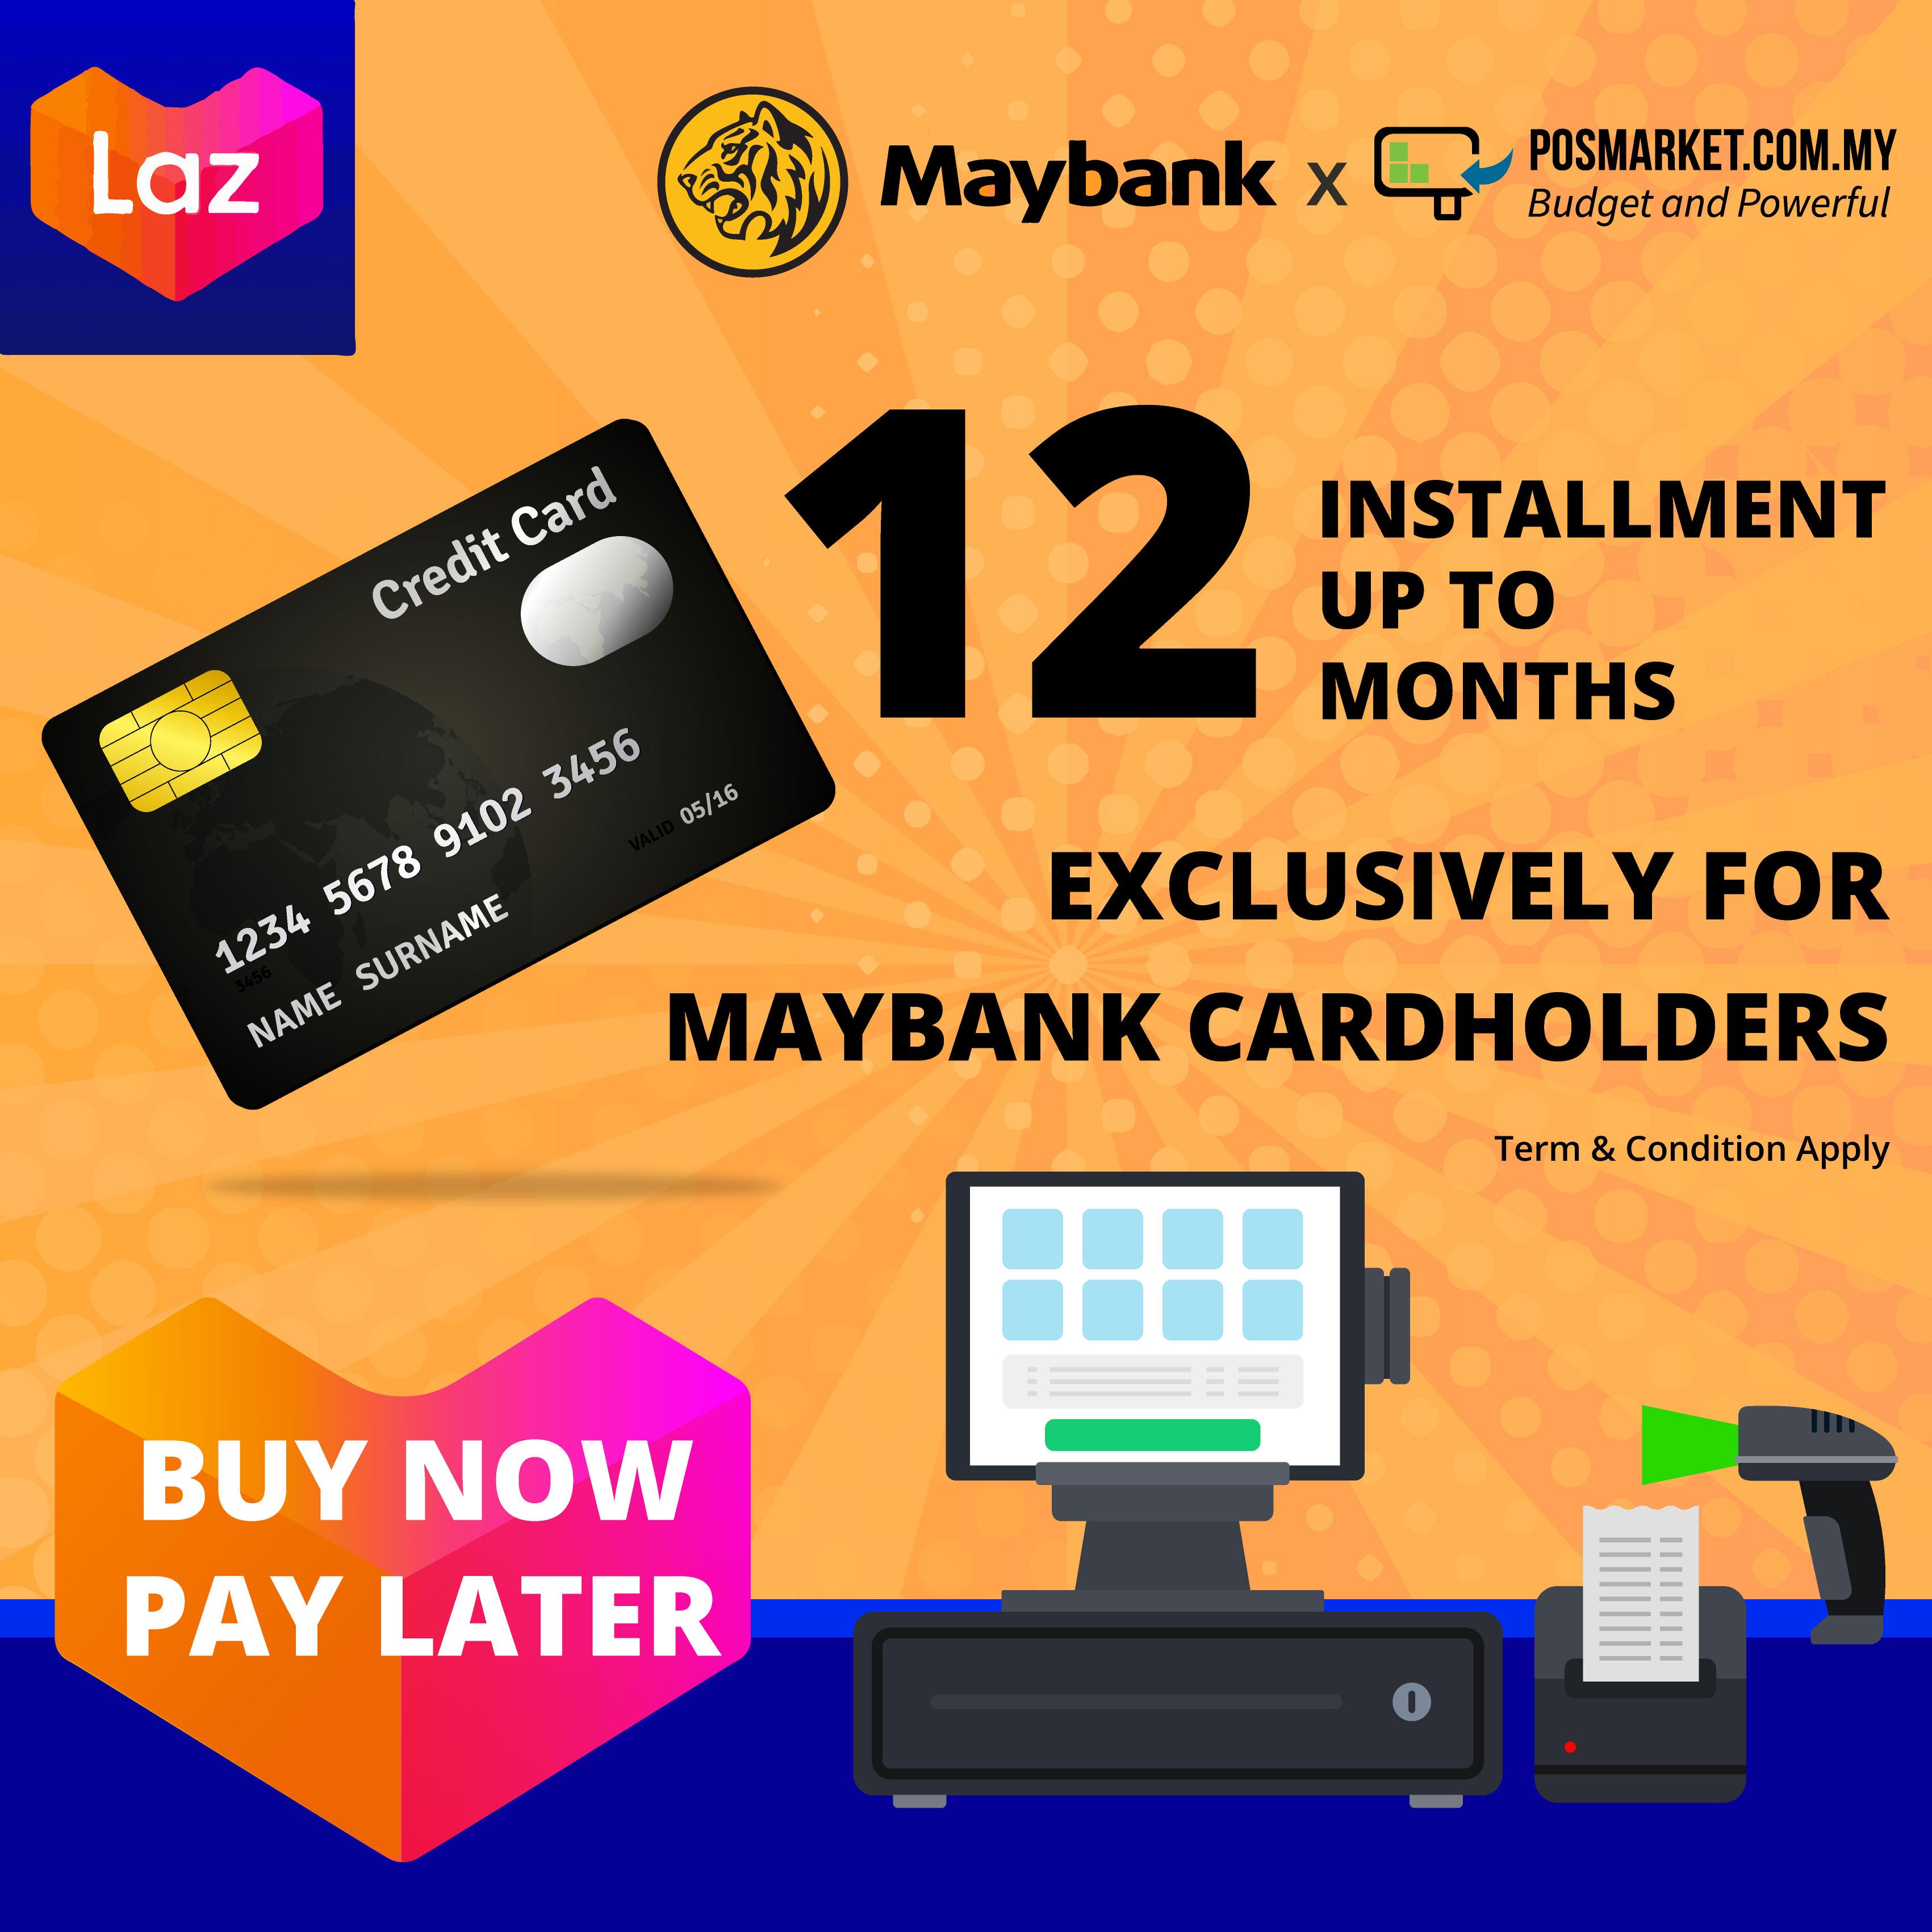 Maybank credit card installment